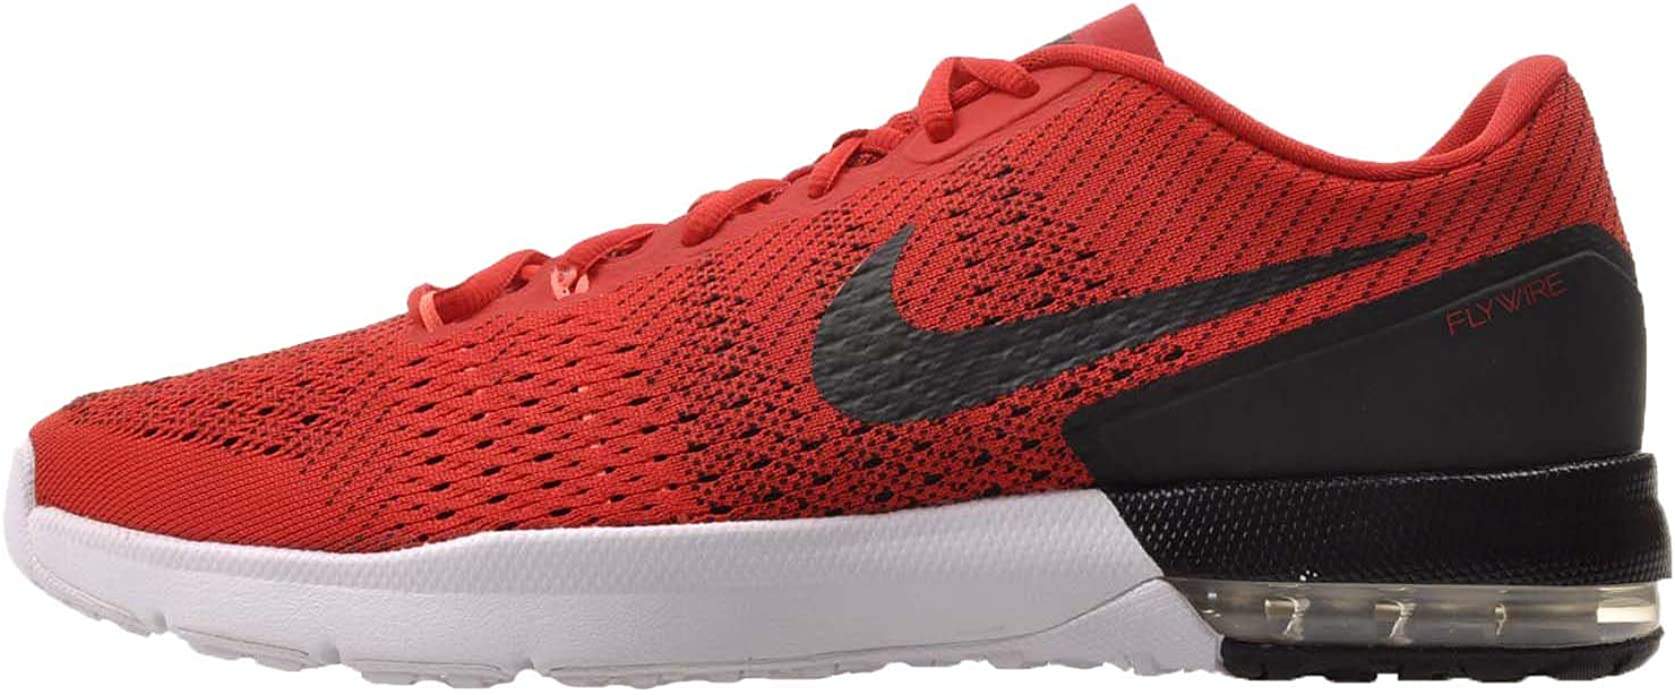 Nike - Zapatillas de caña Alta de Cuero Hombre, Color, Talla 44: Amazon.es: Zapatos y complementos